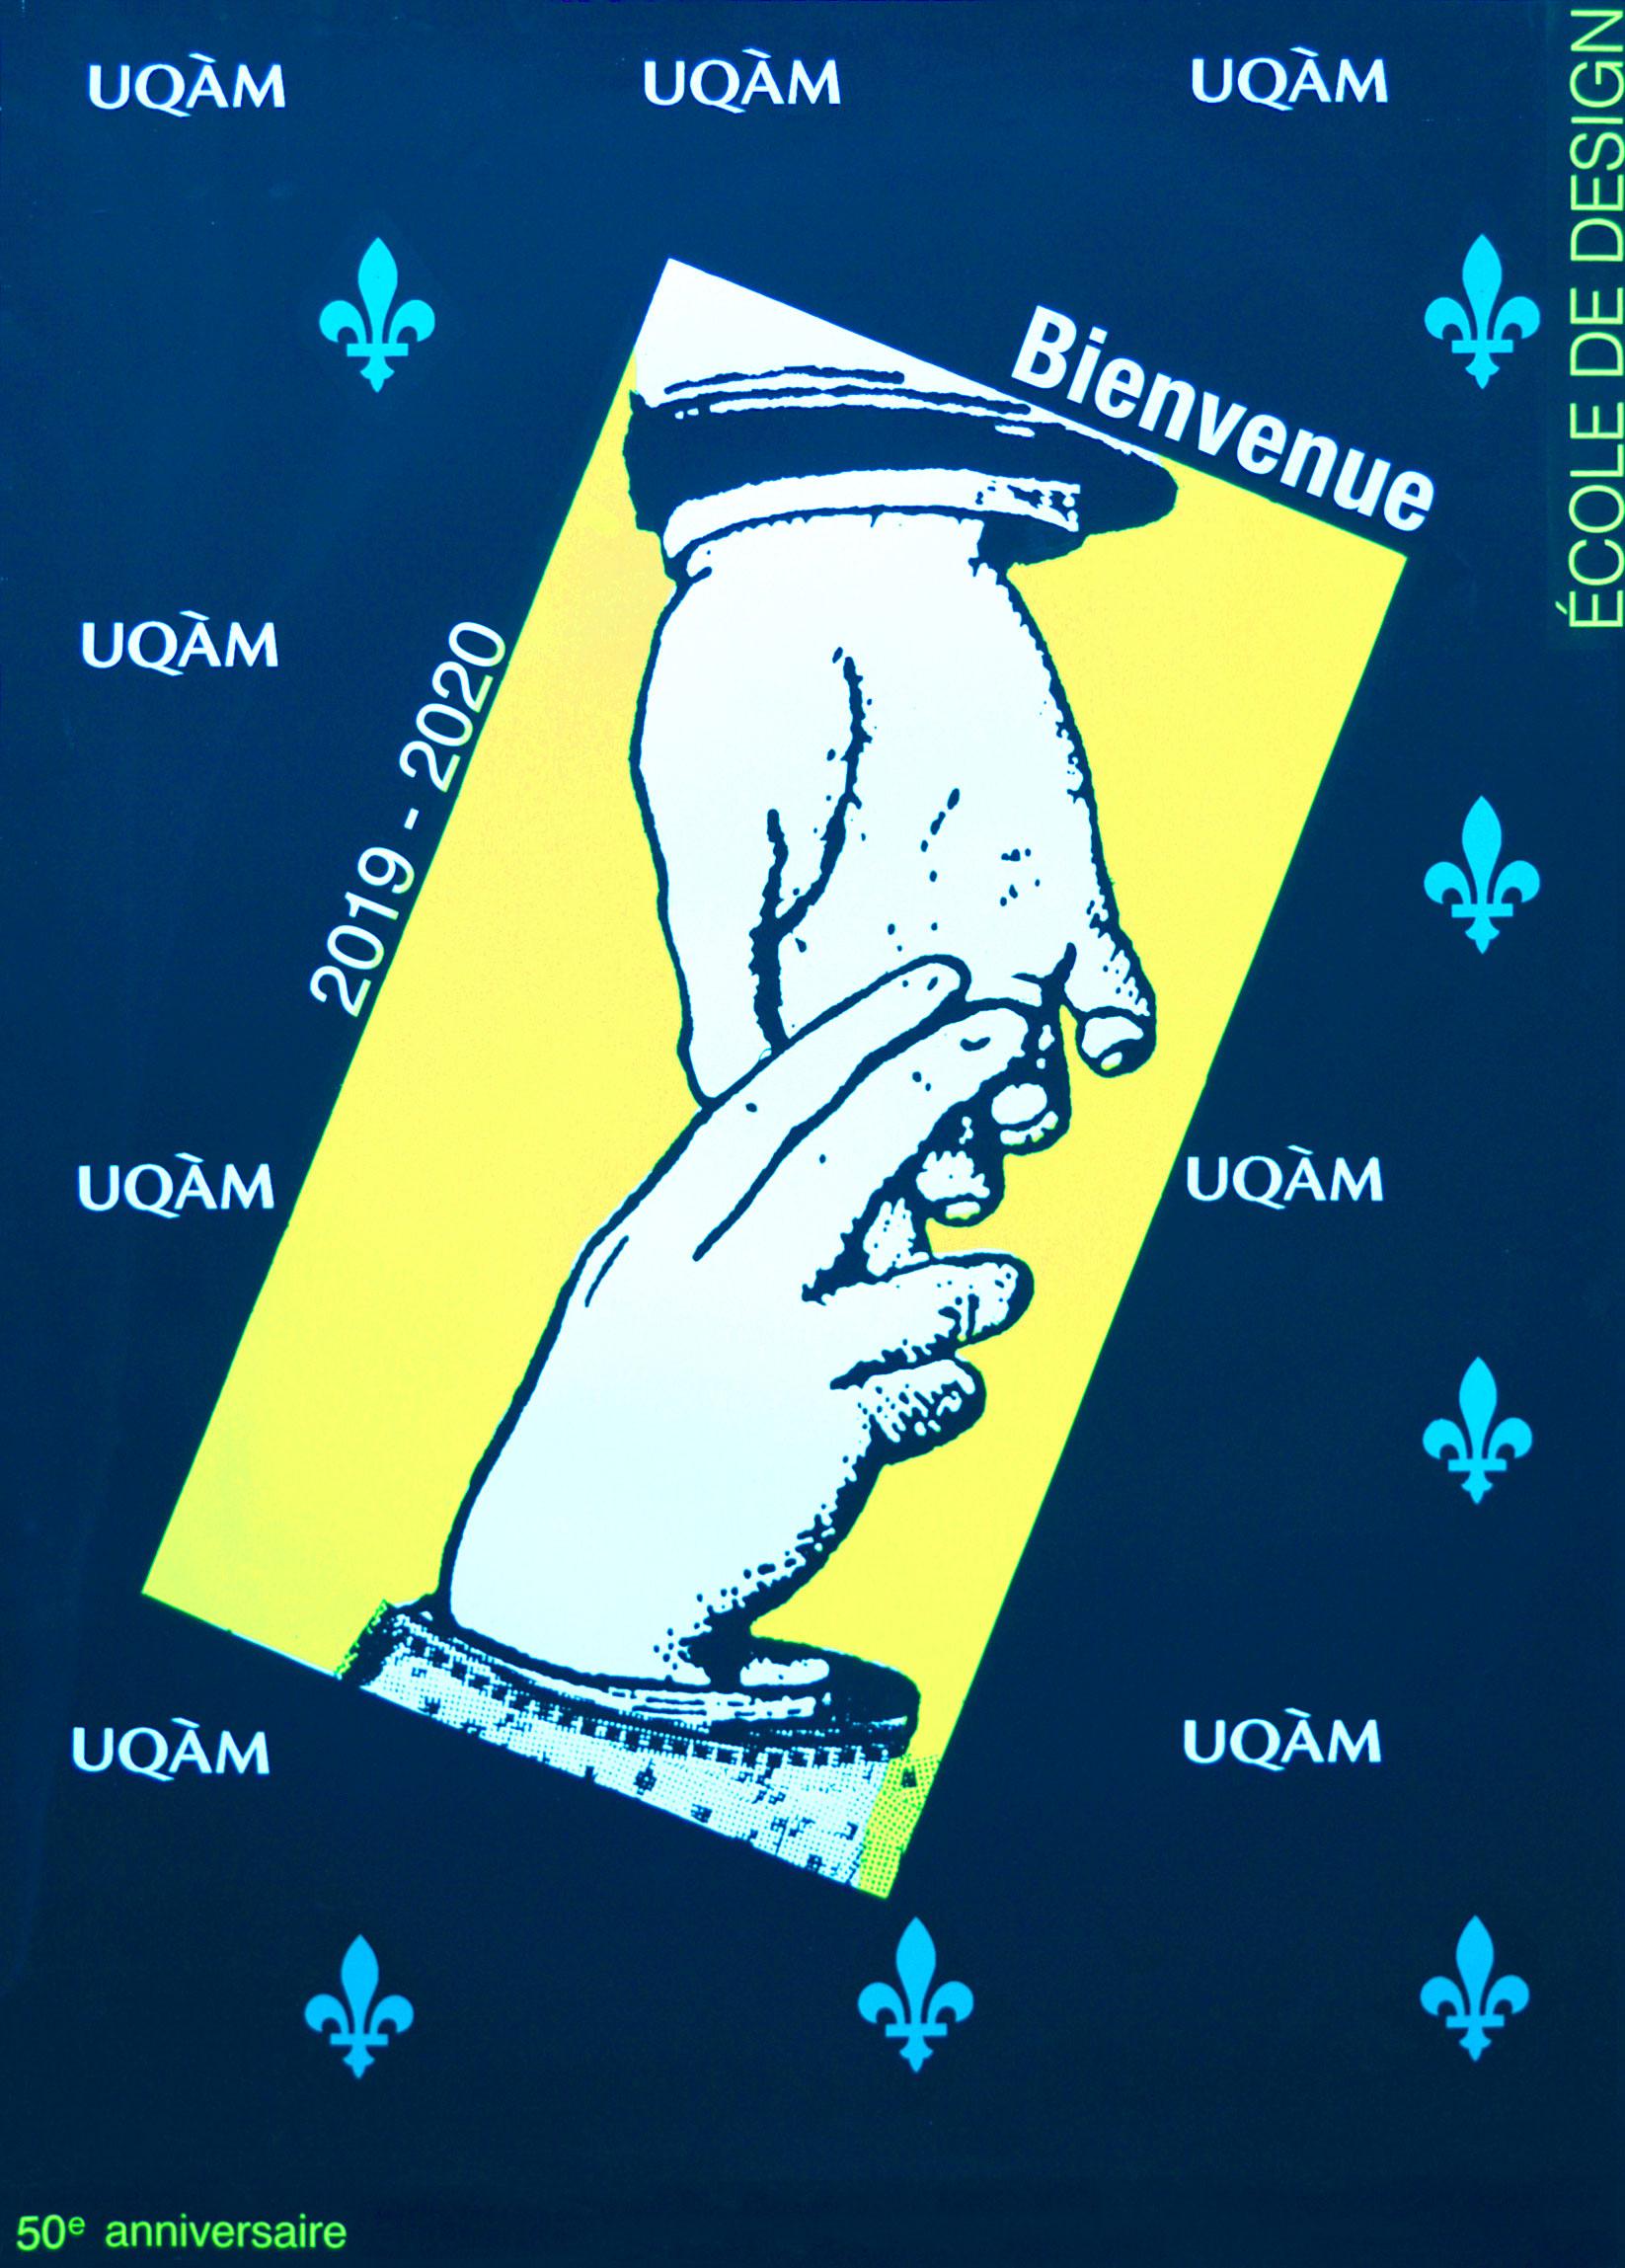 Affiche d'Alfred Halasa pour la rentrée universitaire 2019-2020 à l'École de design de l'UQAM